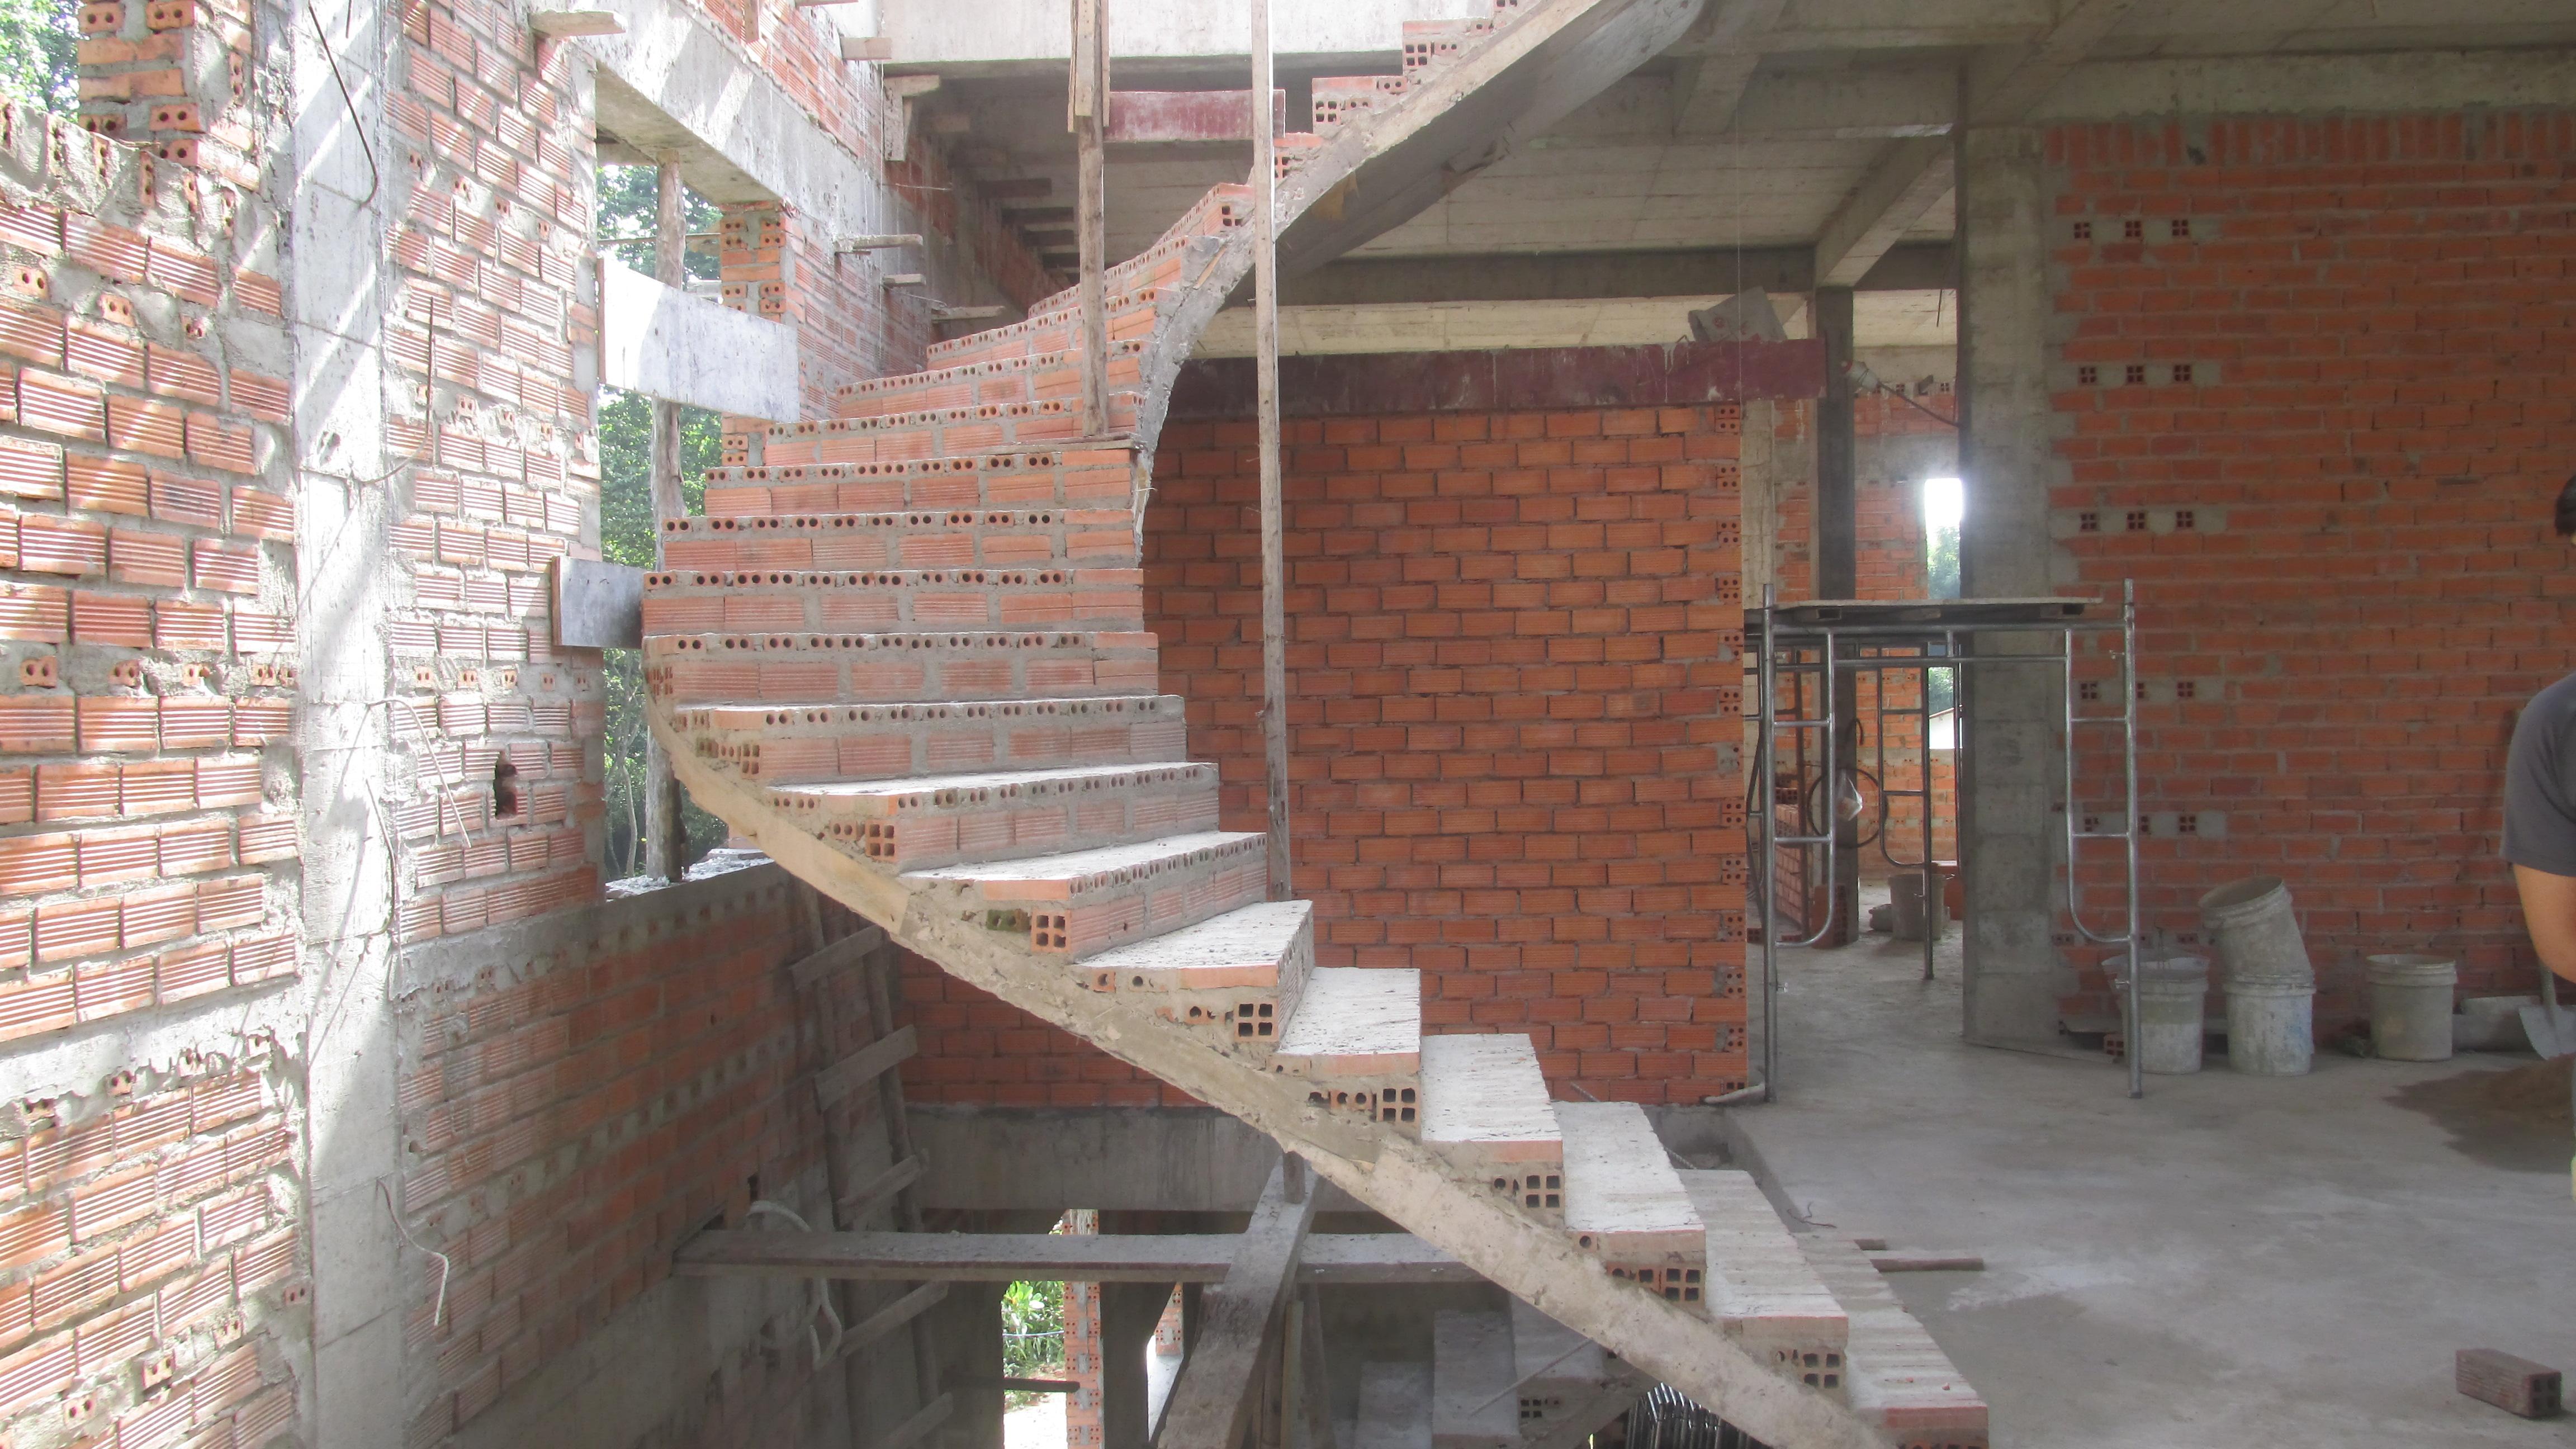 IMG 1354 Thiết kế xây nhà đẹp Biên Hòa   Cam kết KHÔNG phát sinh chi phí chạm đến trái tim khách hàng